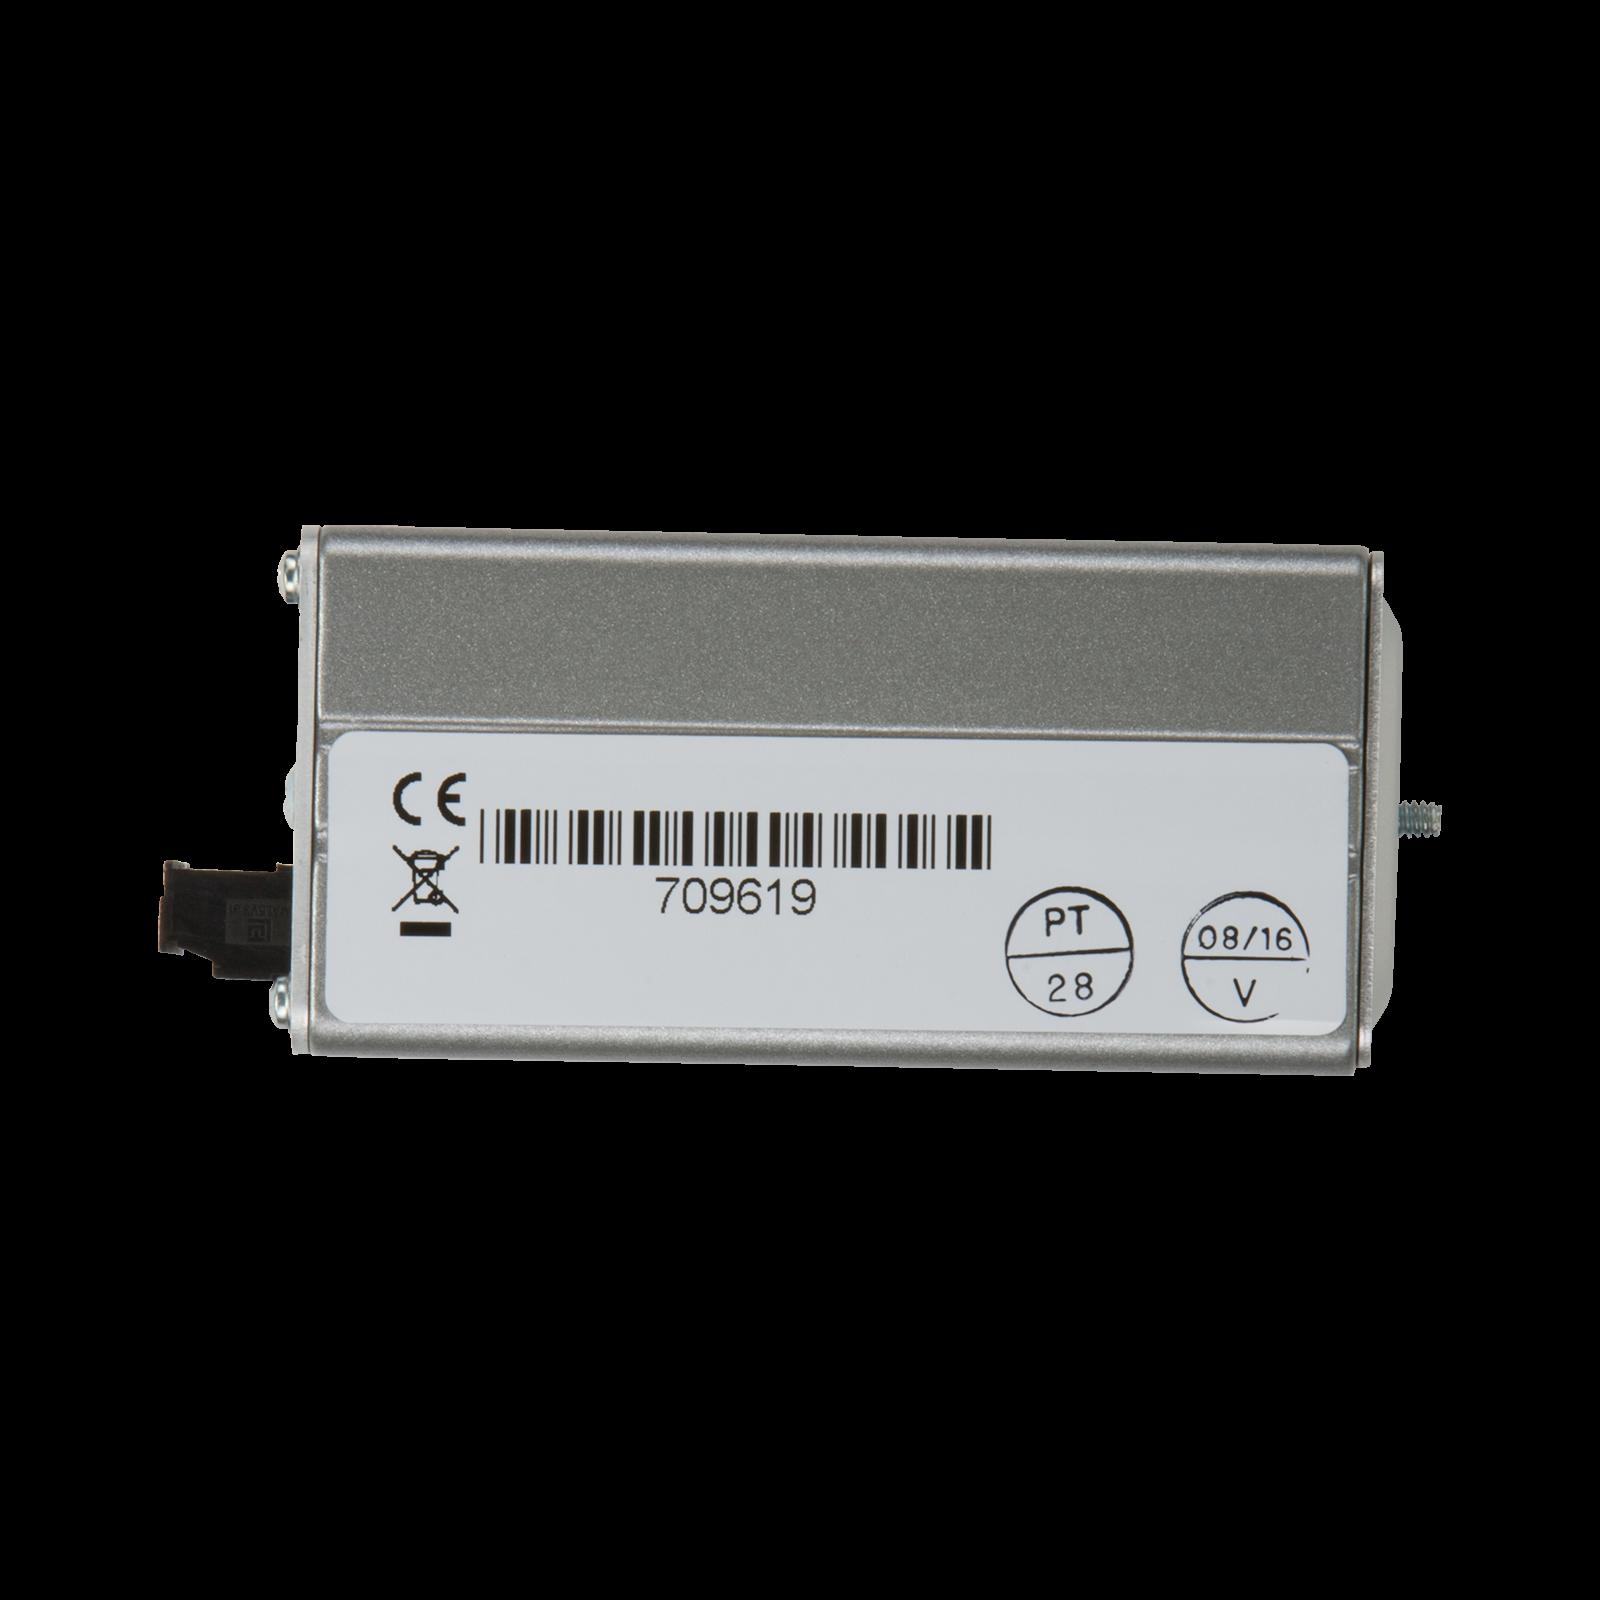 Opto22 Snap Pac Sb1 Serial Brain Analog Digital With Ieee 1394 Wiring Diagram